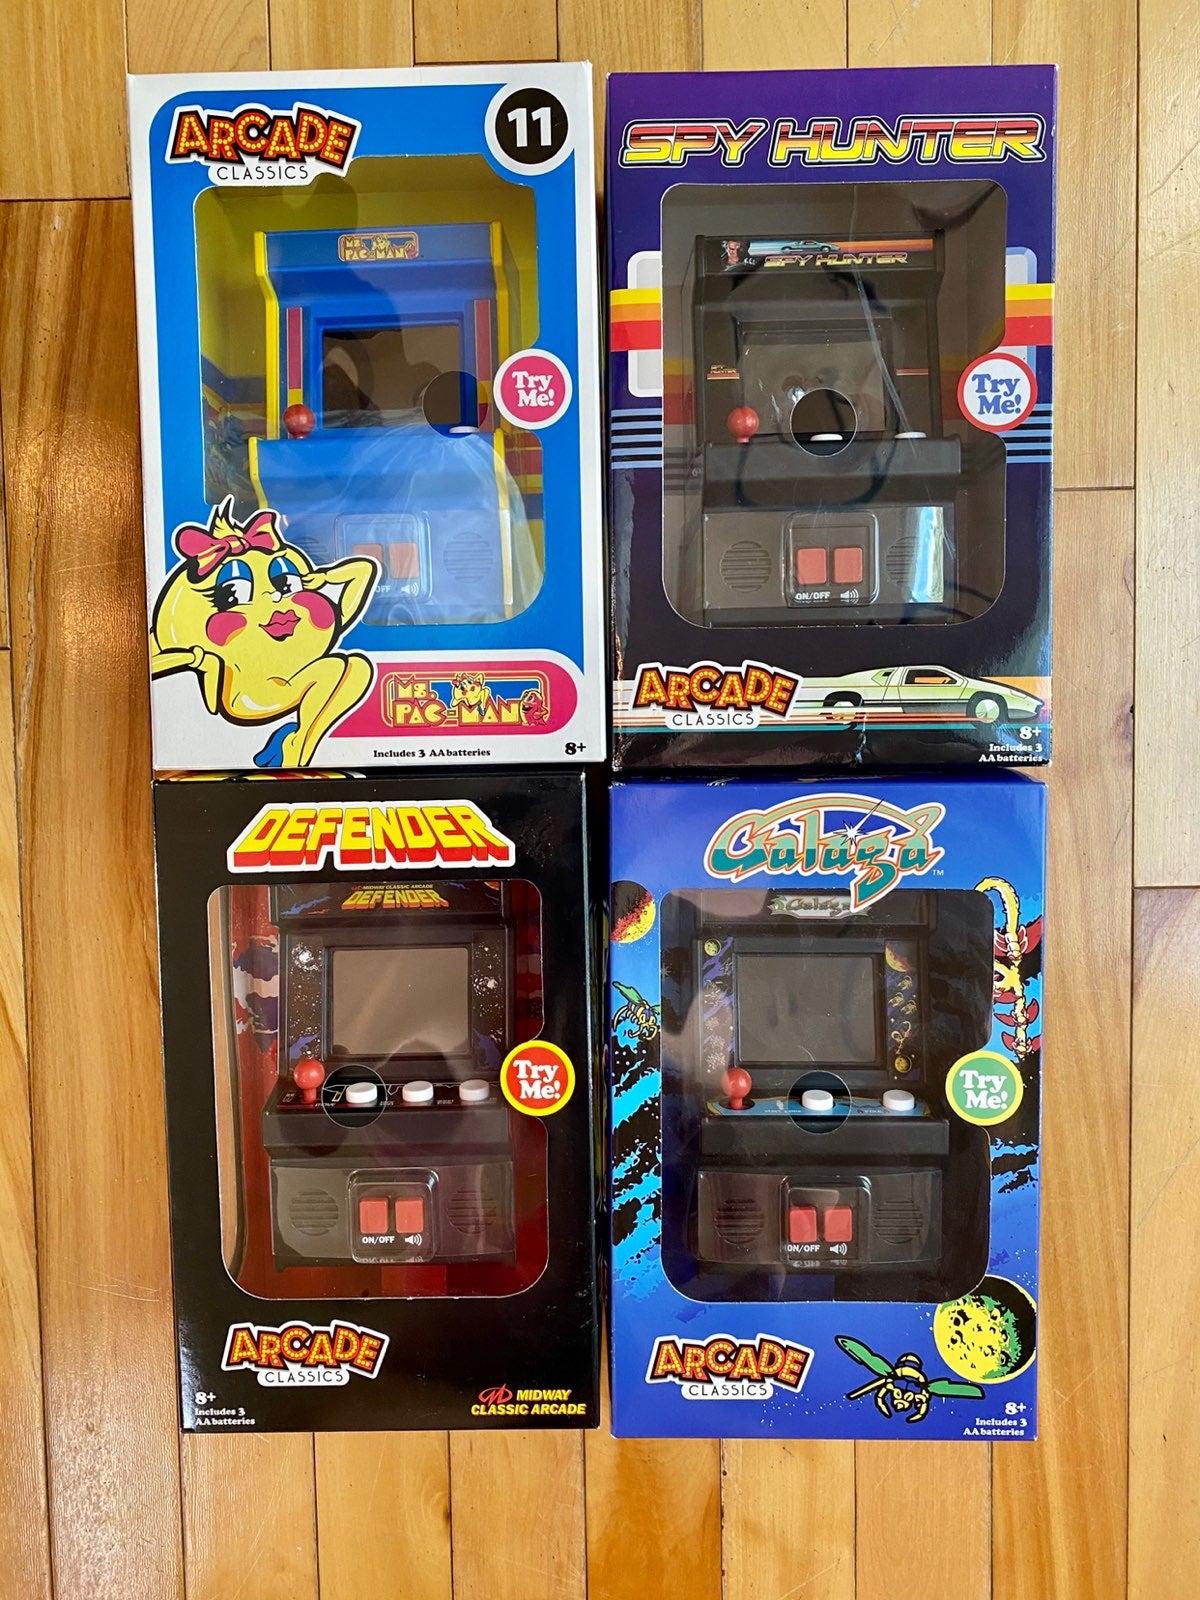 4 classic arcade games set